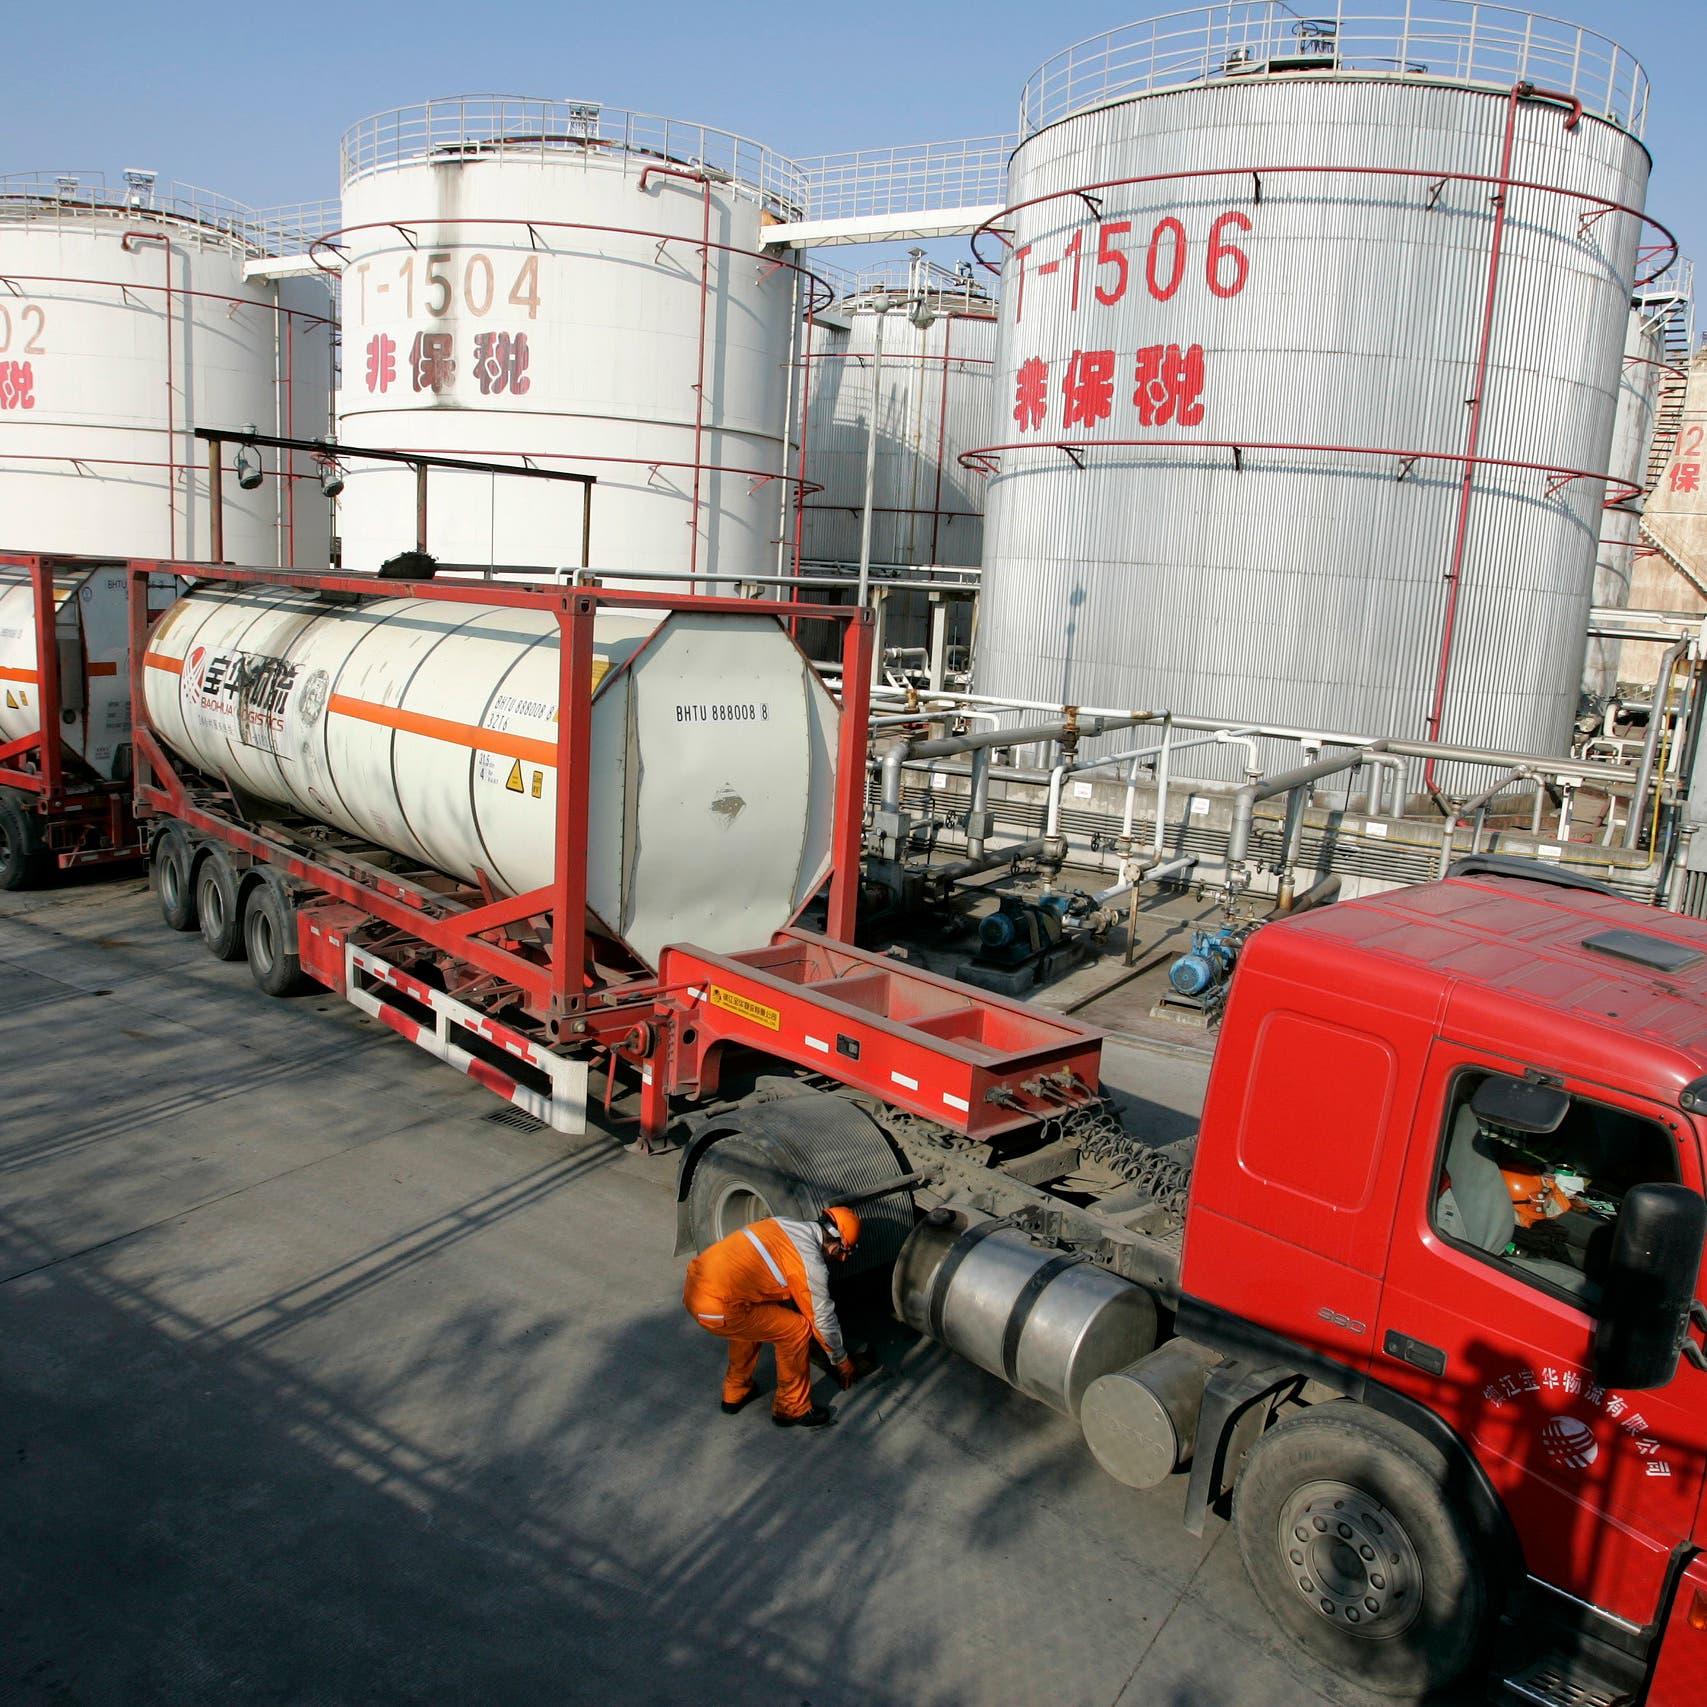 النفط يقلص خسائره الأسبوعية.. خطوة غير مسبوقة من الصين تربك الأسواق